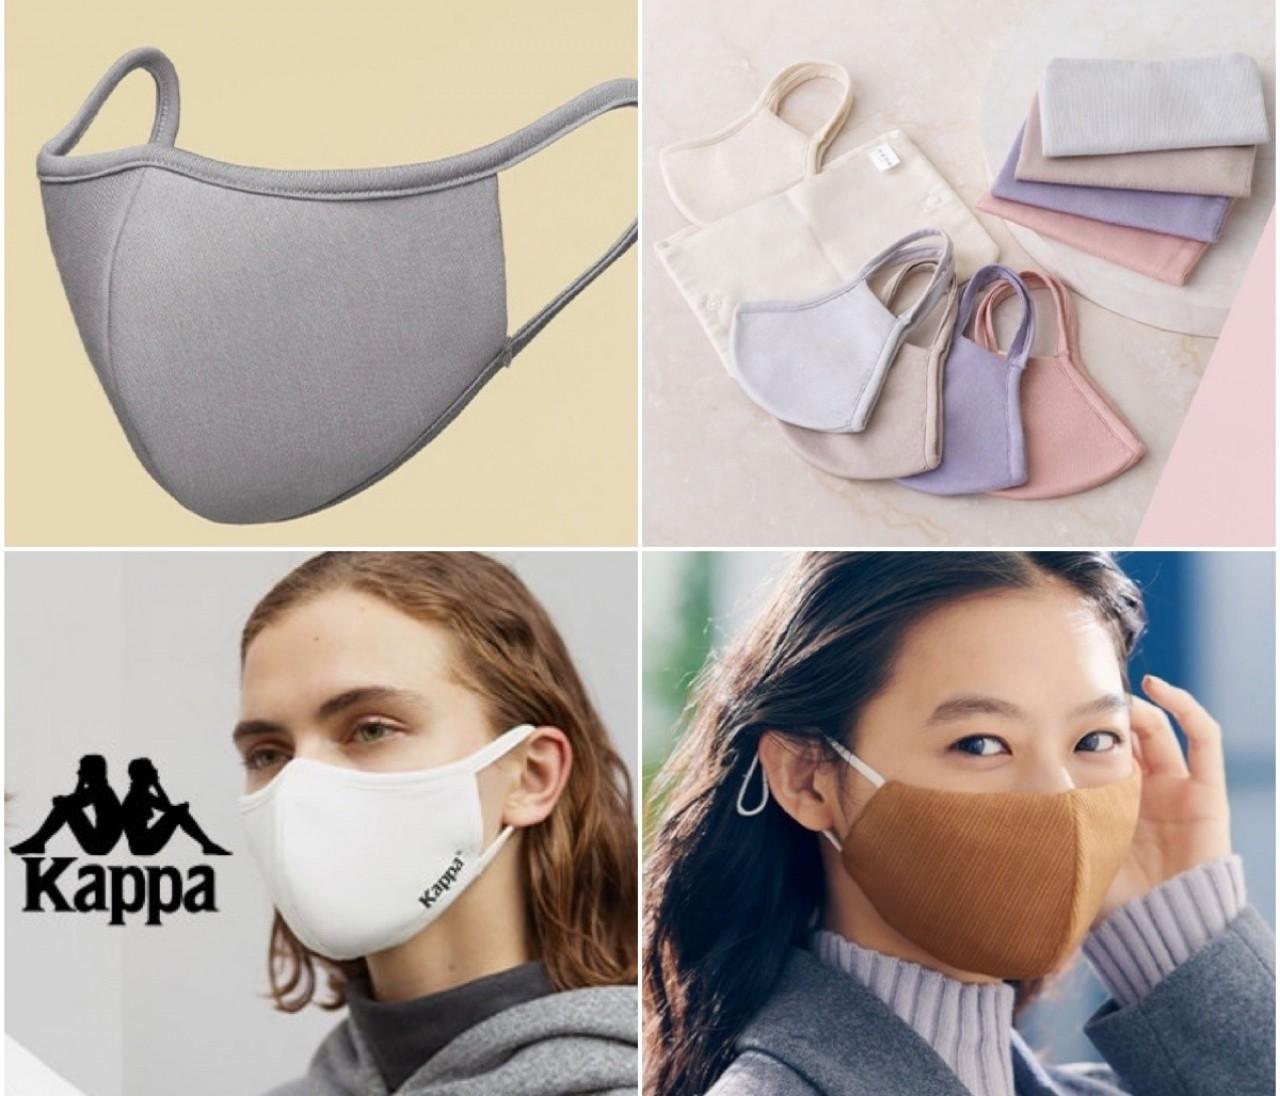 【ジーユー(GU)】から高機能フィルター搭載おしゃれマスク4種登場、10月30日(金)から順次発売決定!